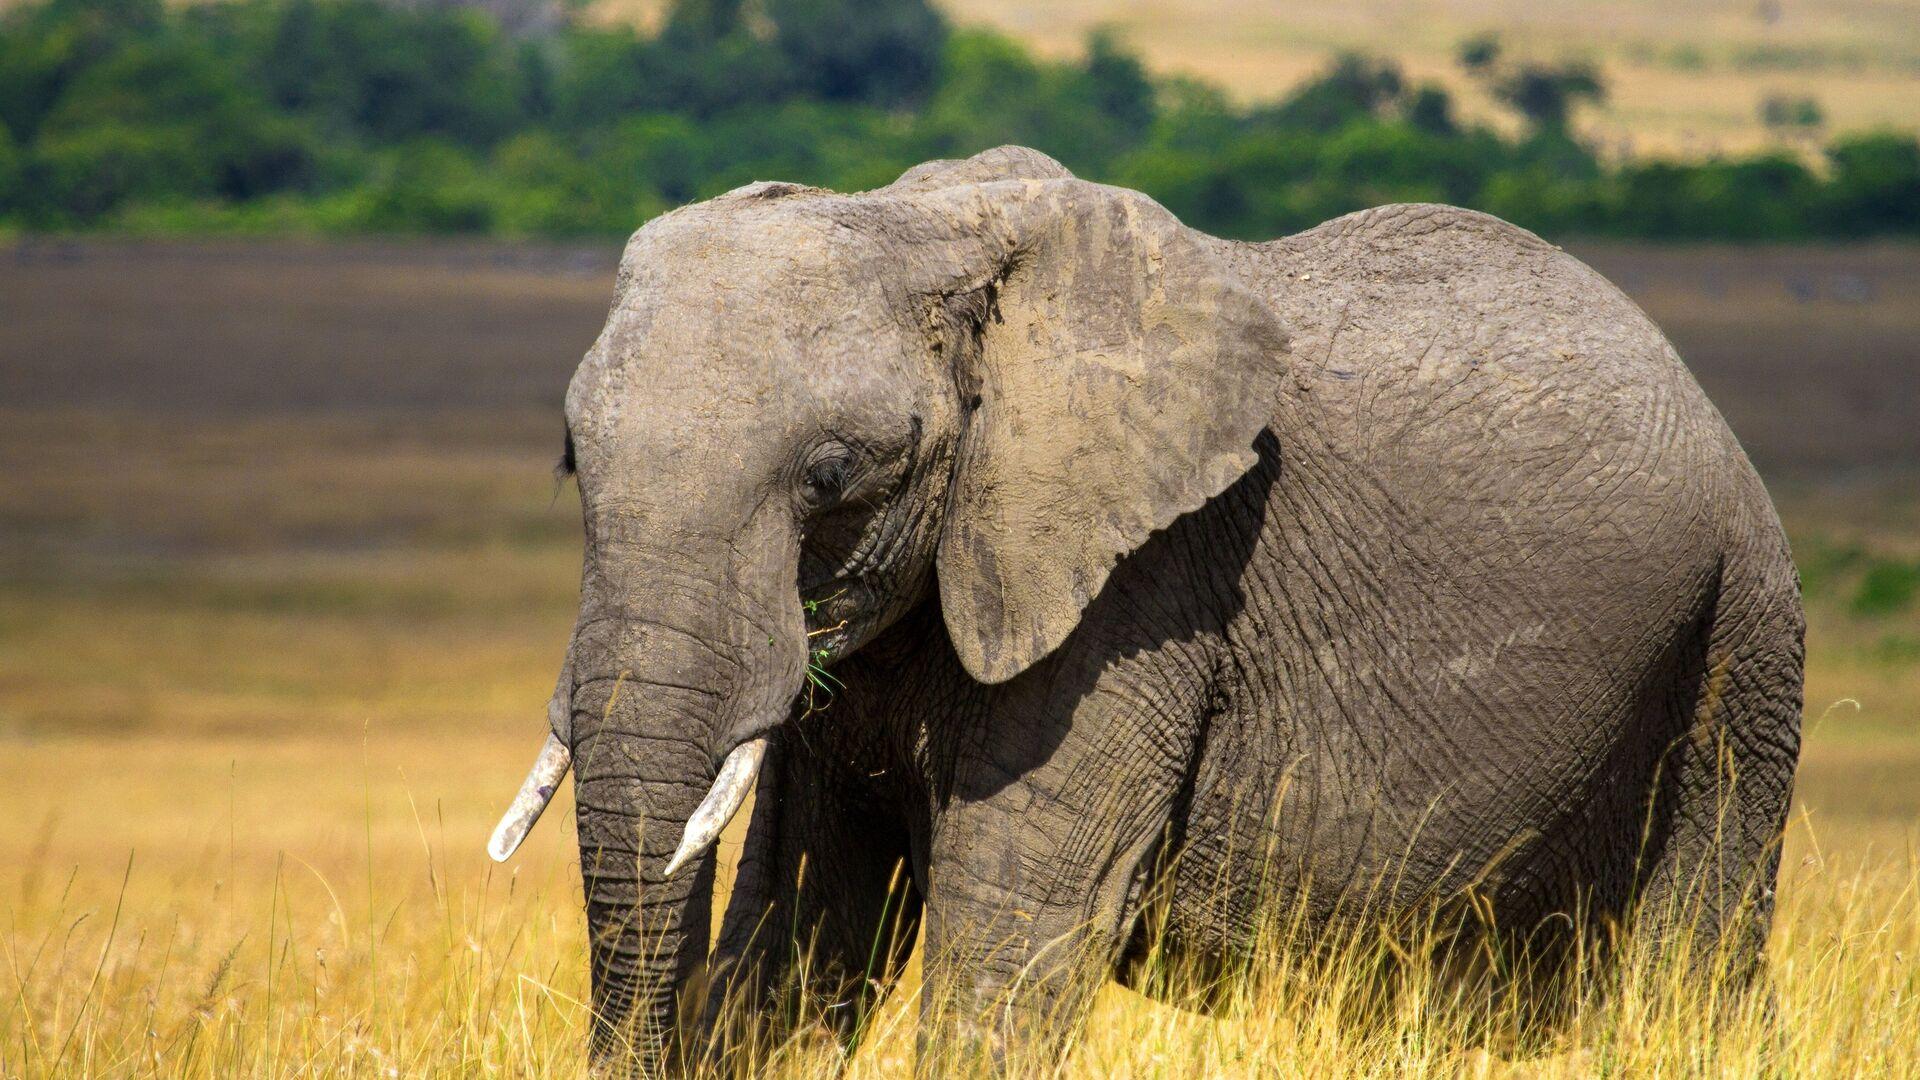 В ЮАР слон заблокировал автодорогу в заповеднике - РИА Новости, 29.09.2020